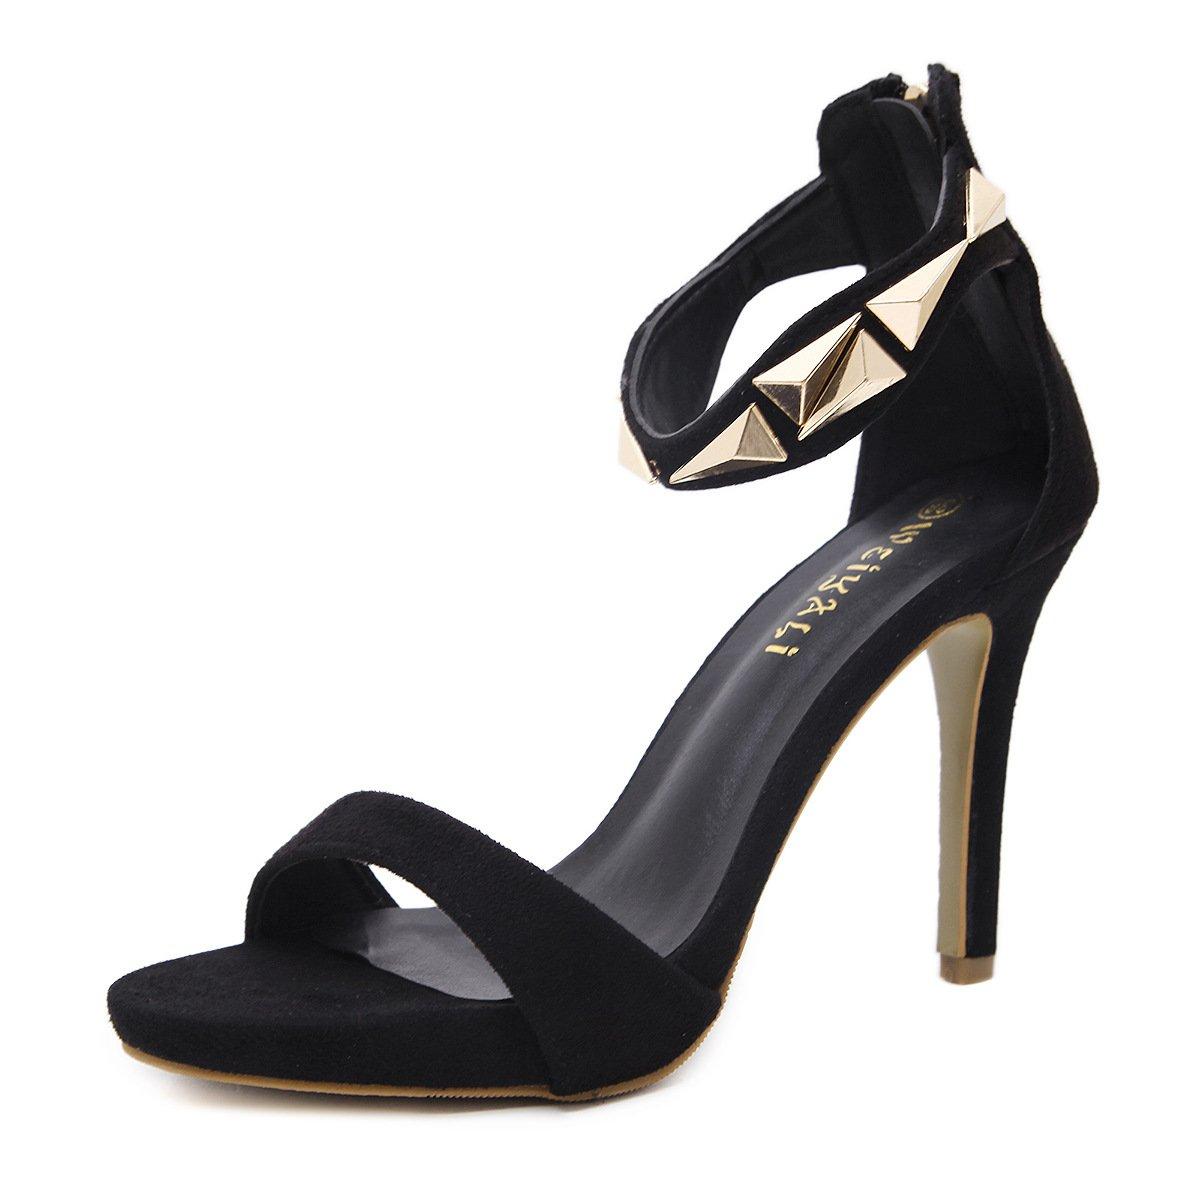 RUGAI-UE Damen mit High Heels Sandaletten sommerliche europäische und und und amerikanische Mode High Heel Sandaletten und Bequeme Sandalen. d9d39f